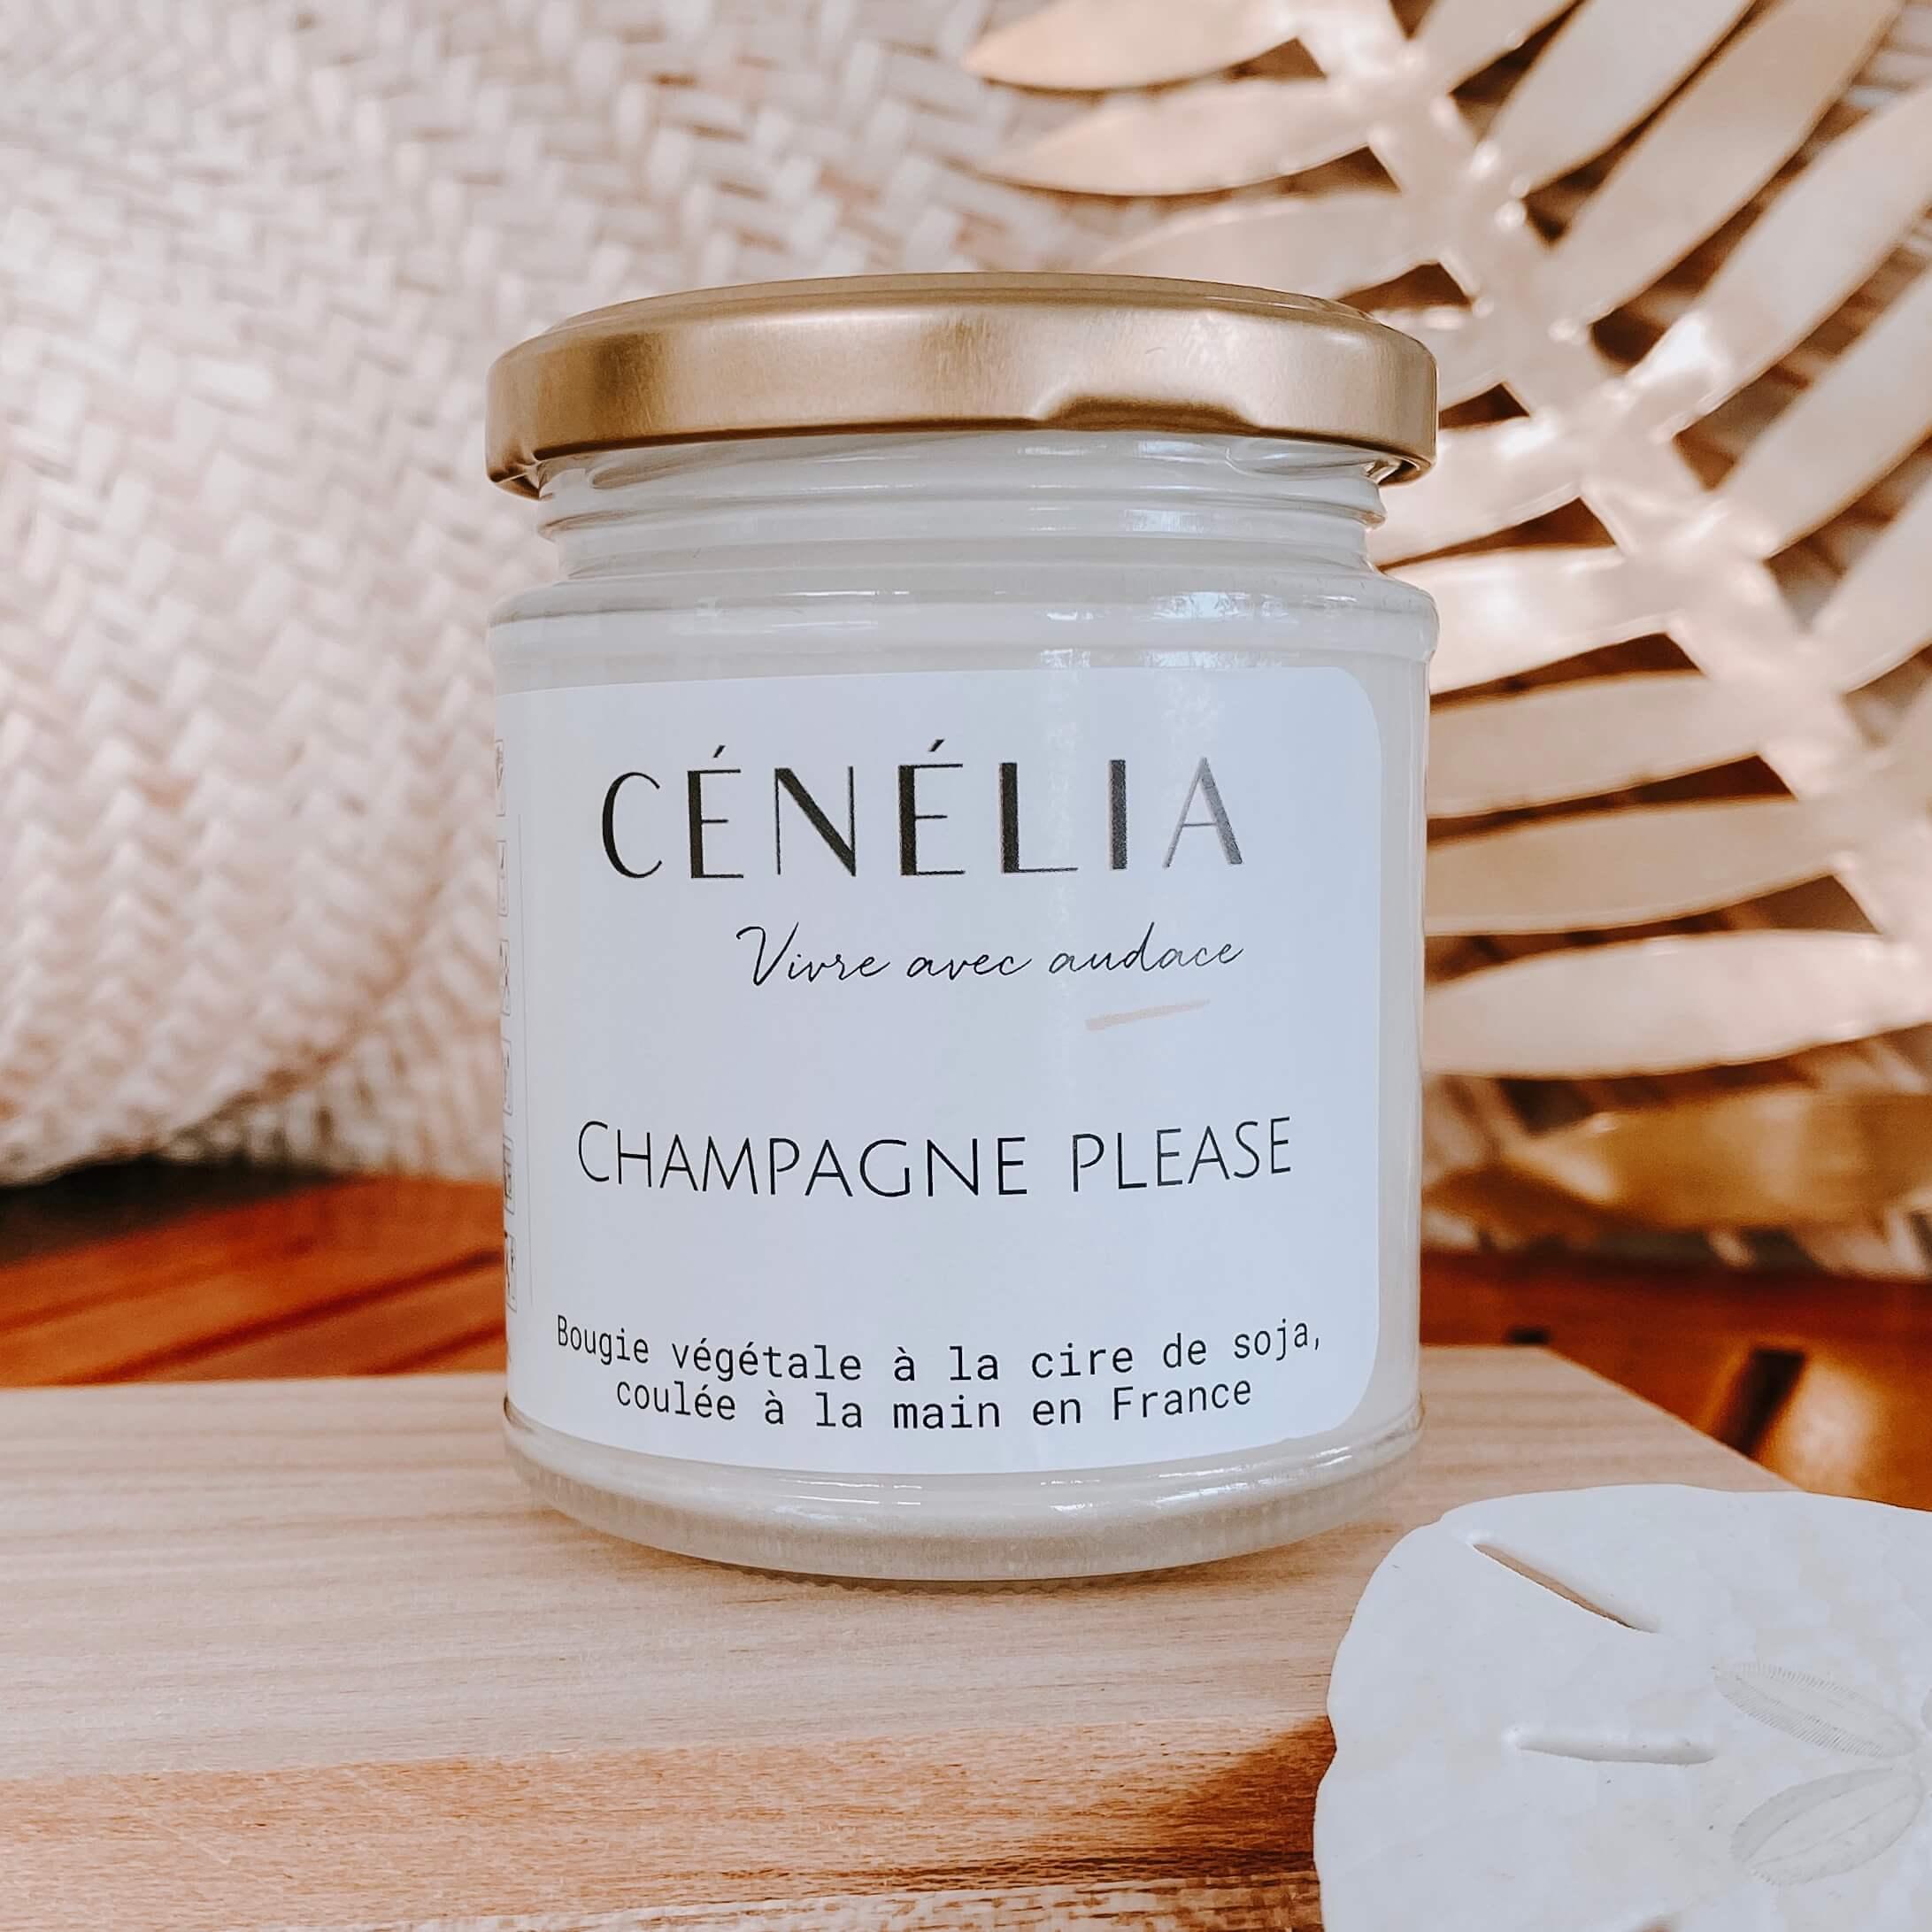 bougie Cénélia au Champagne - Bougie naturelle à la cire de soja